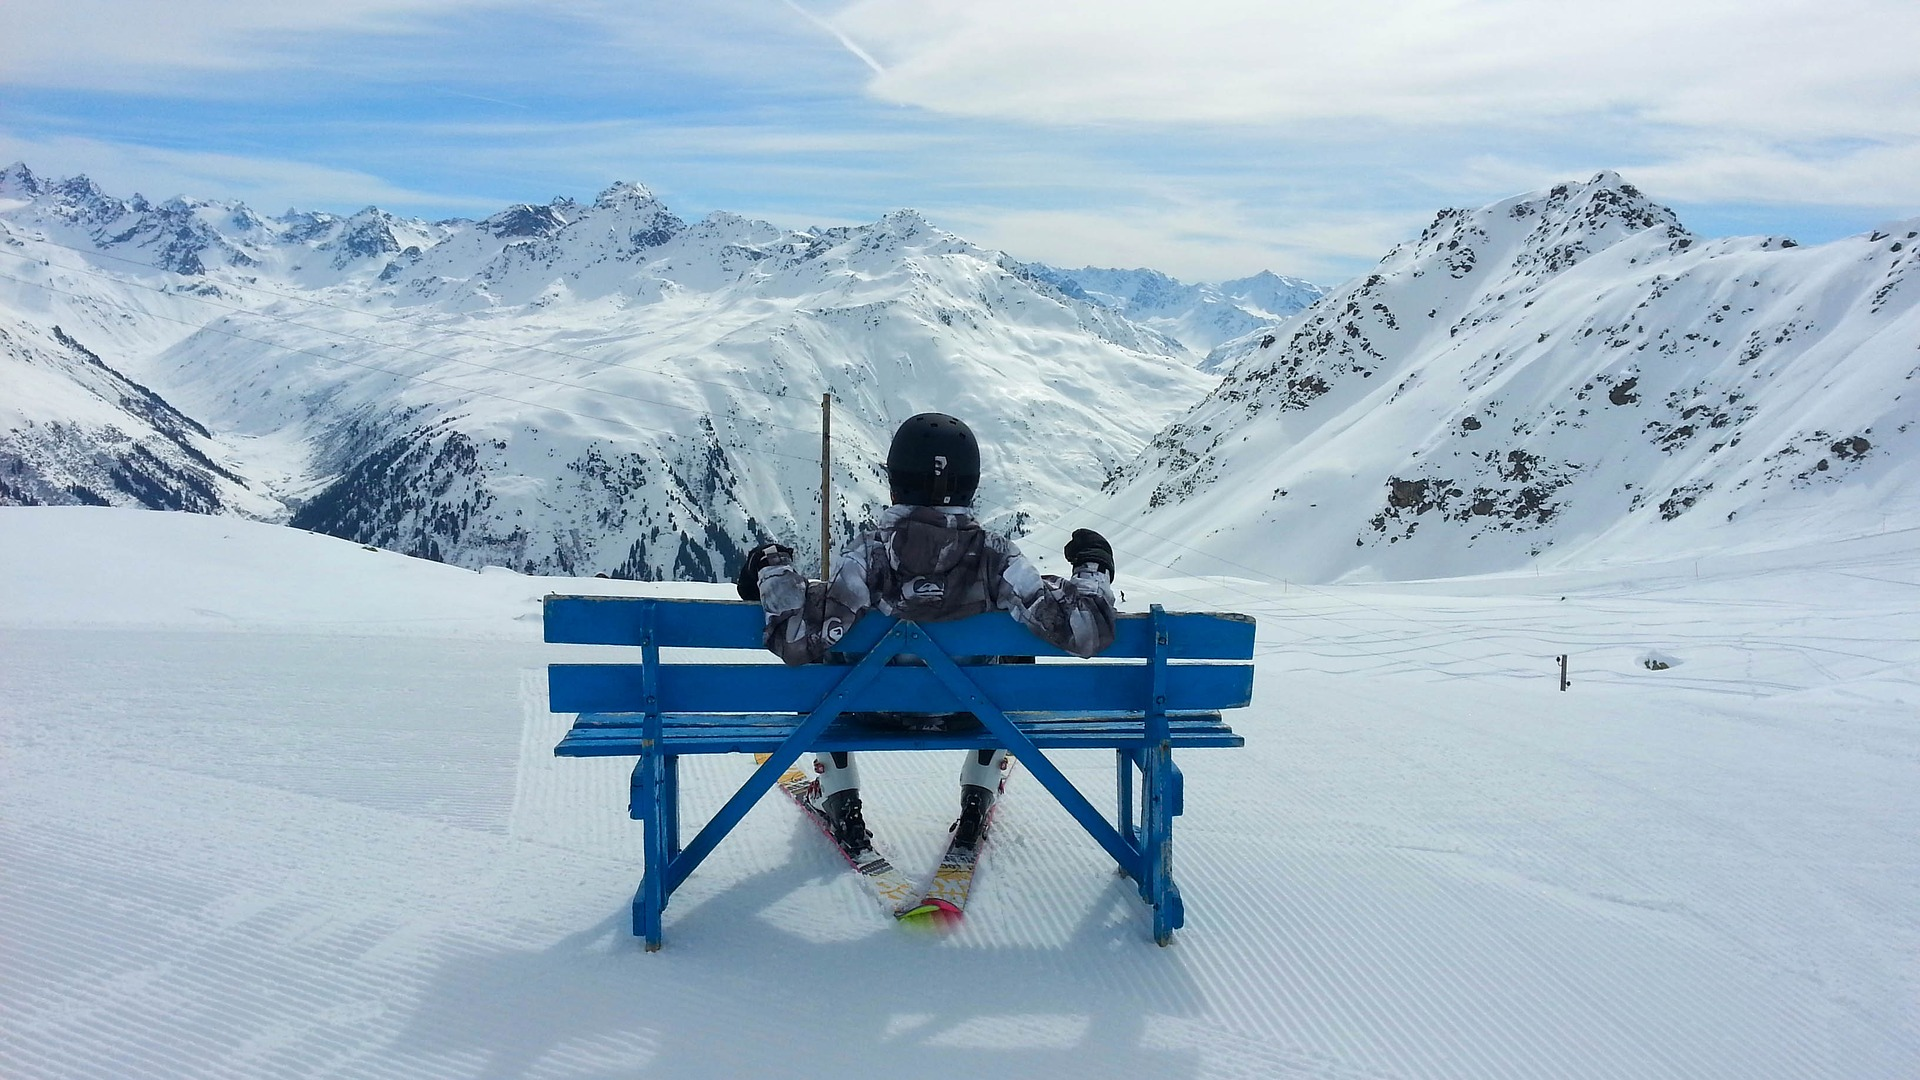 Prachtig uitzicht over de bergen bij Davos